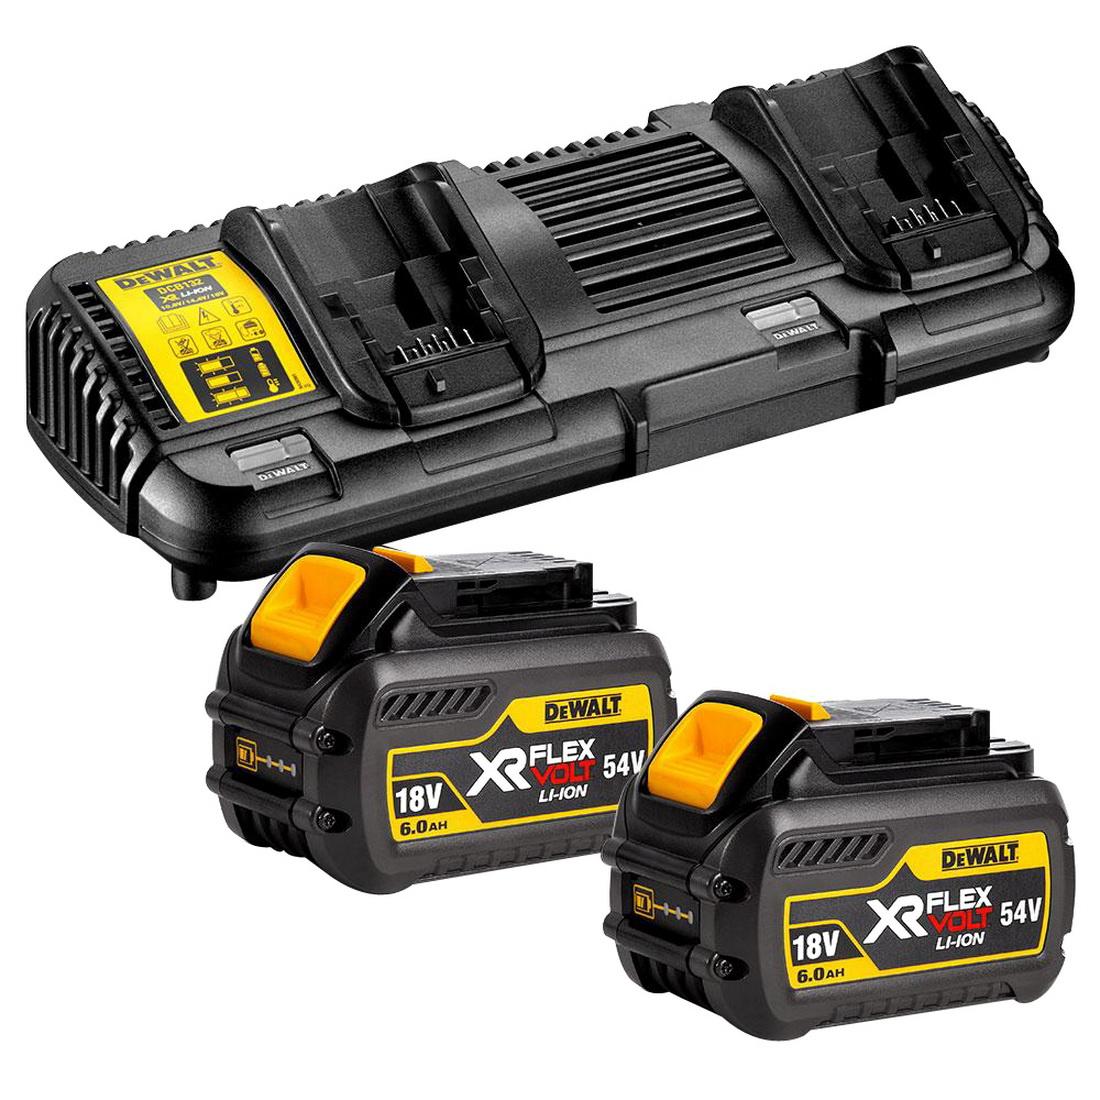 FLEXVOLT 18/54V 6Ah XR Battery & Charger Starter Pack (2 x DCB546-XE, 1 x DCB132-XE Kit)